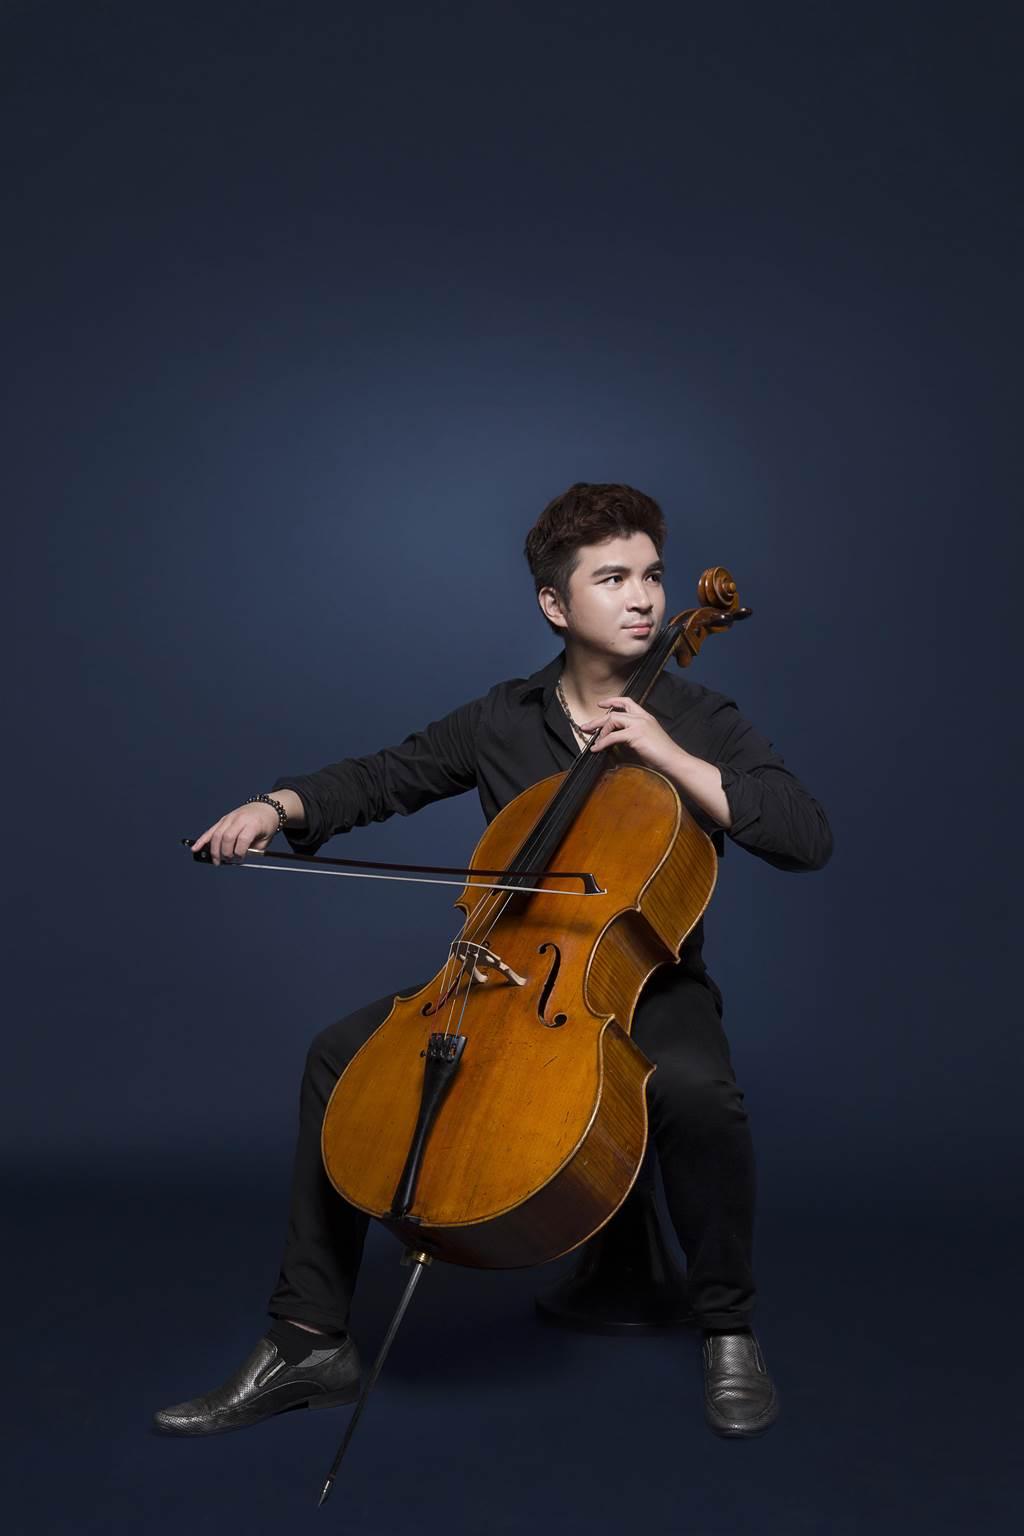 新北市政府文化局與新北市歷屆樂壇新星聯手,推出《新星的祝福》音樂計畫,首波將由國內知名大提琴家謝孟峰演奏。(新北市文化局提供)